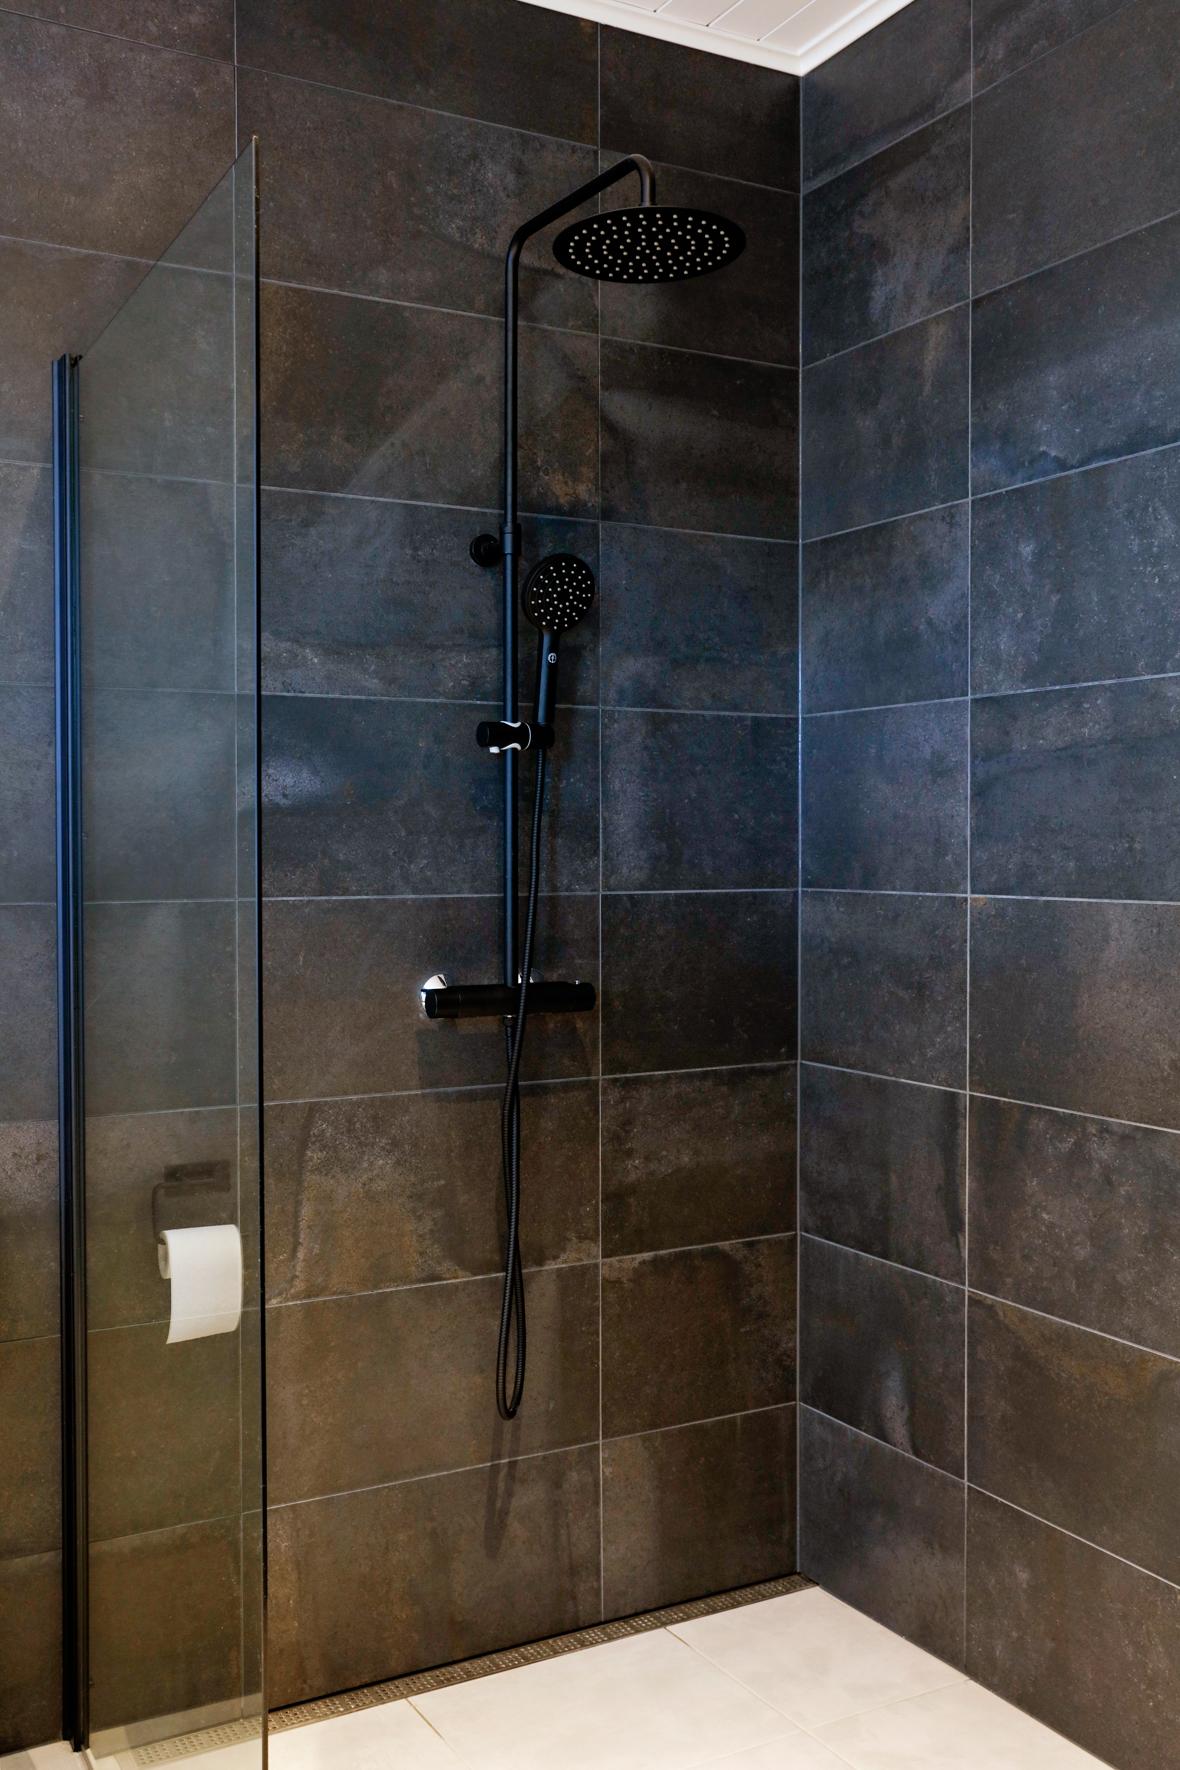 En unidrain golvsil i badrum med stora, mörka kakel.